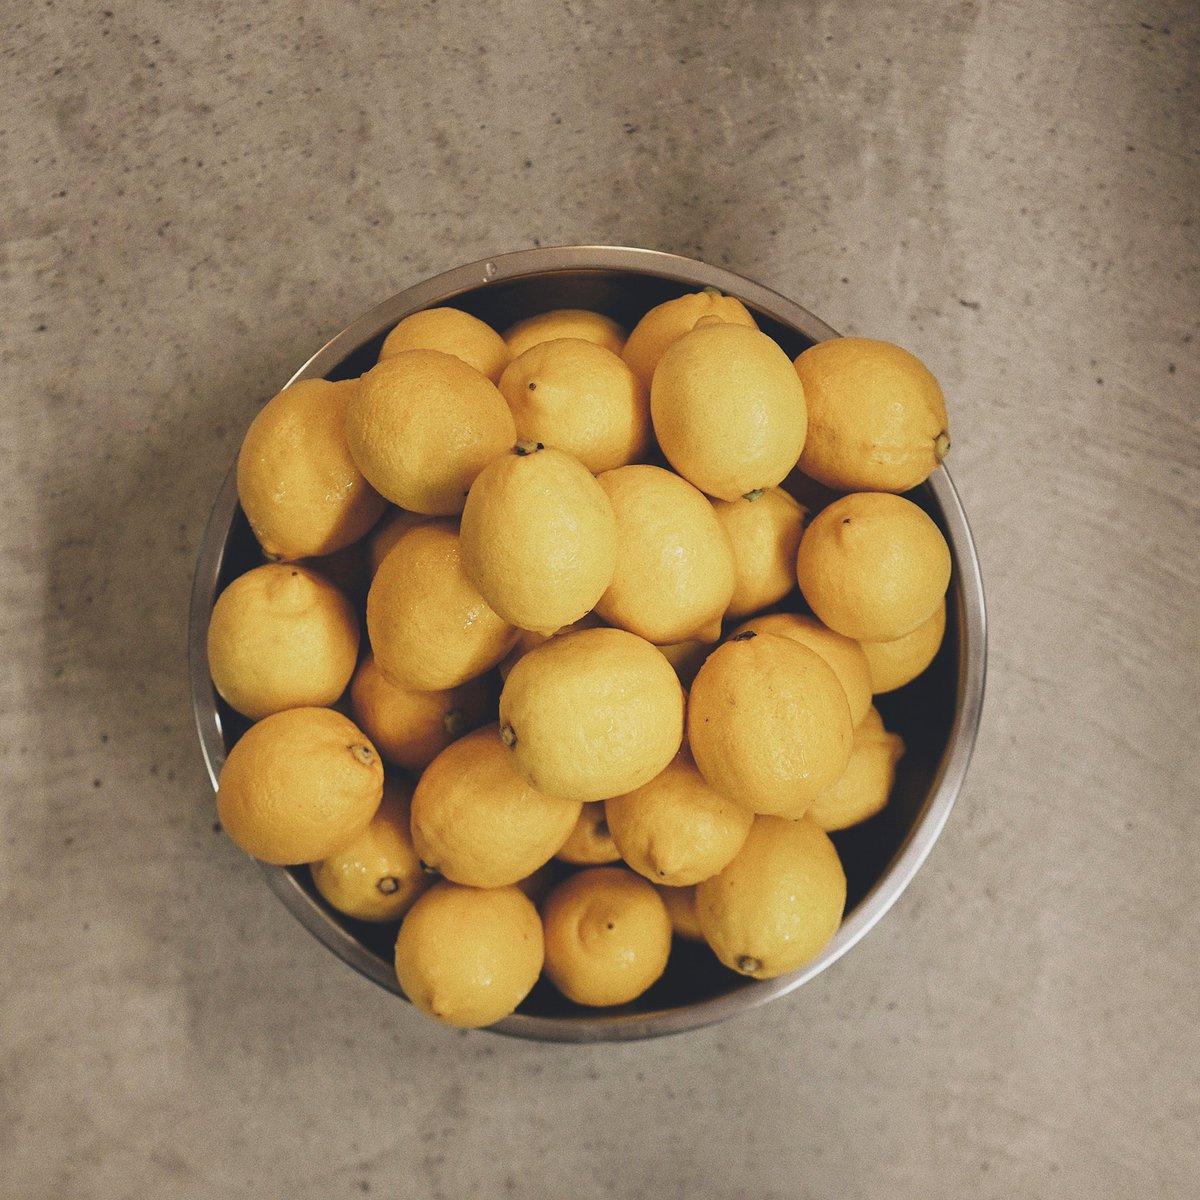 愛媛県大三島よりレモンが届きました!オープンに向けてフレッシュなレモンシロップたくさん作ります¨̮